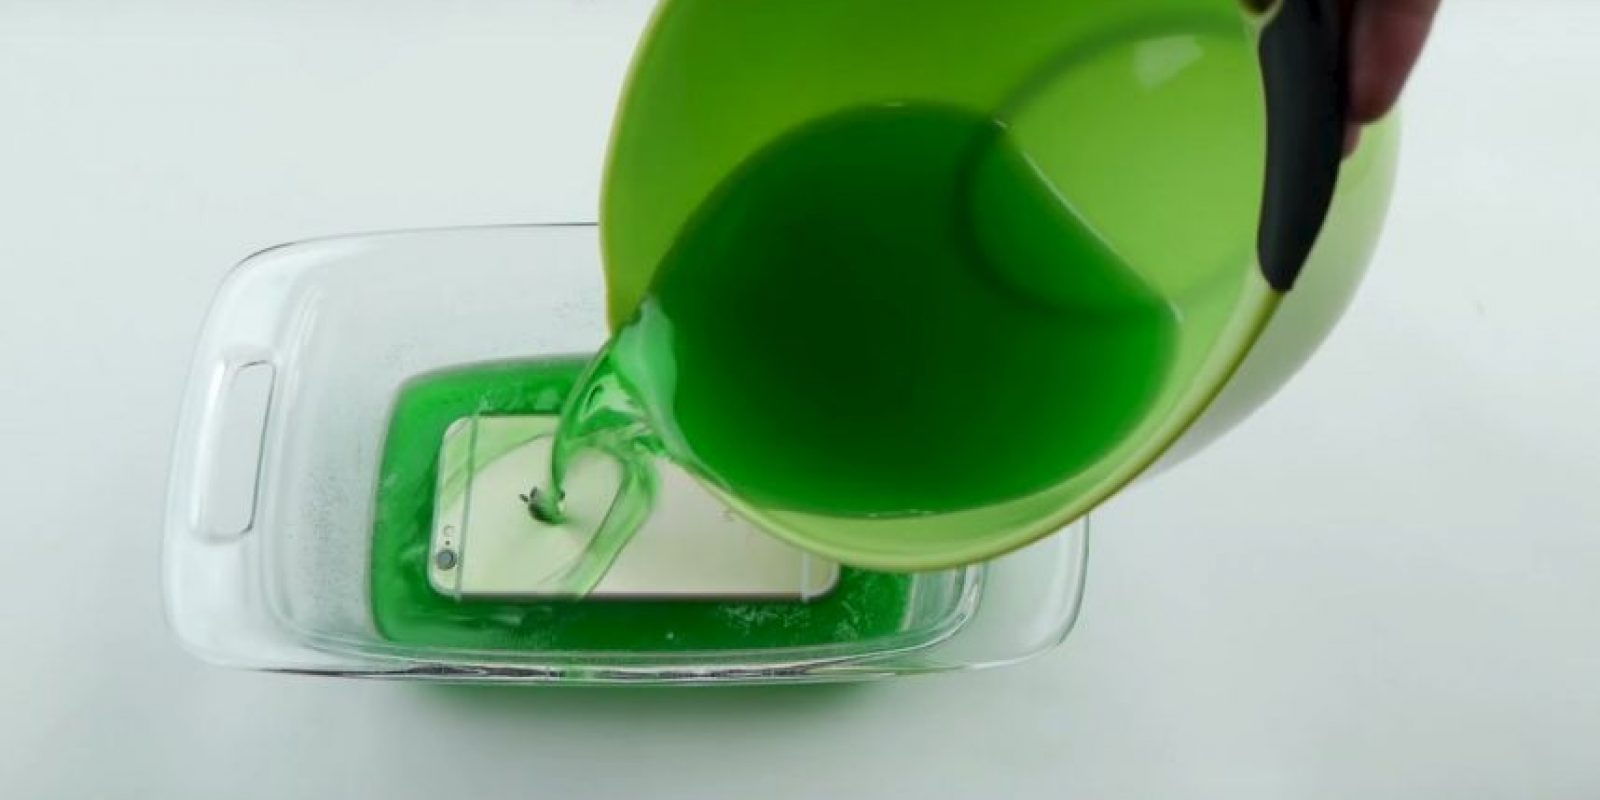 El iPhone fue cubierto con gelatina. Foto:TechRax